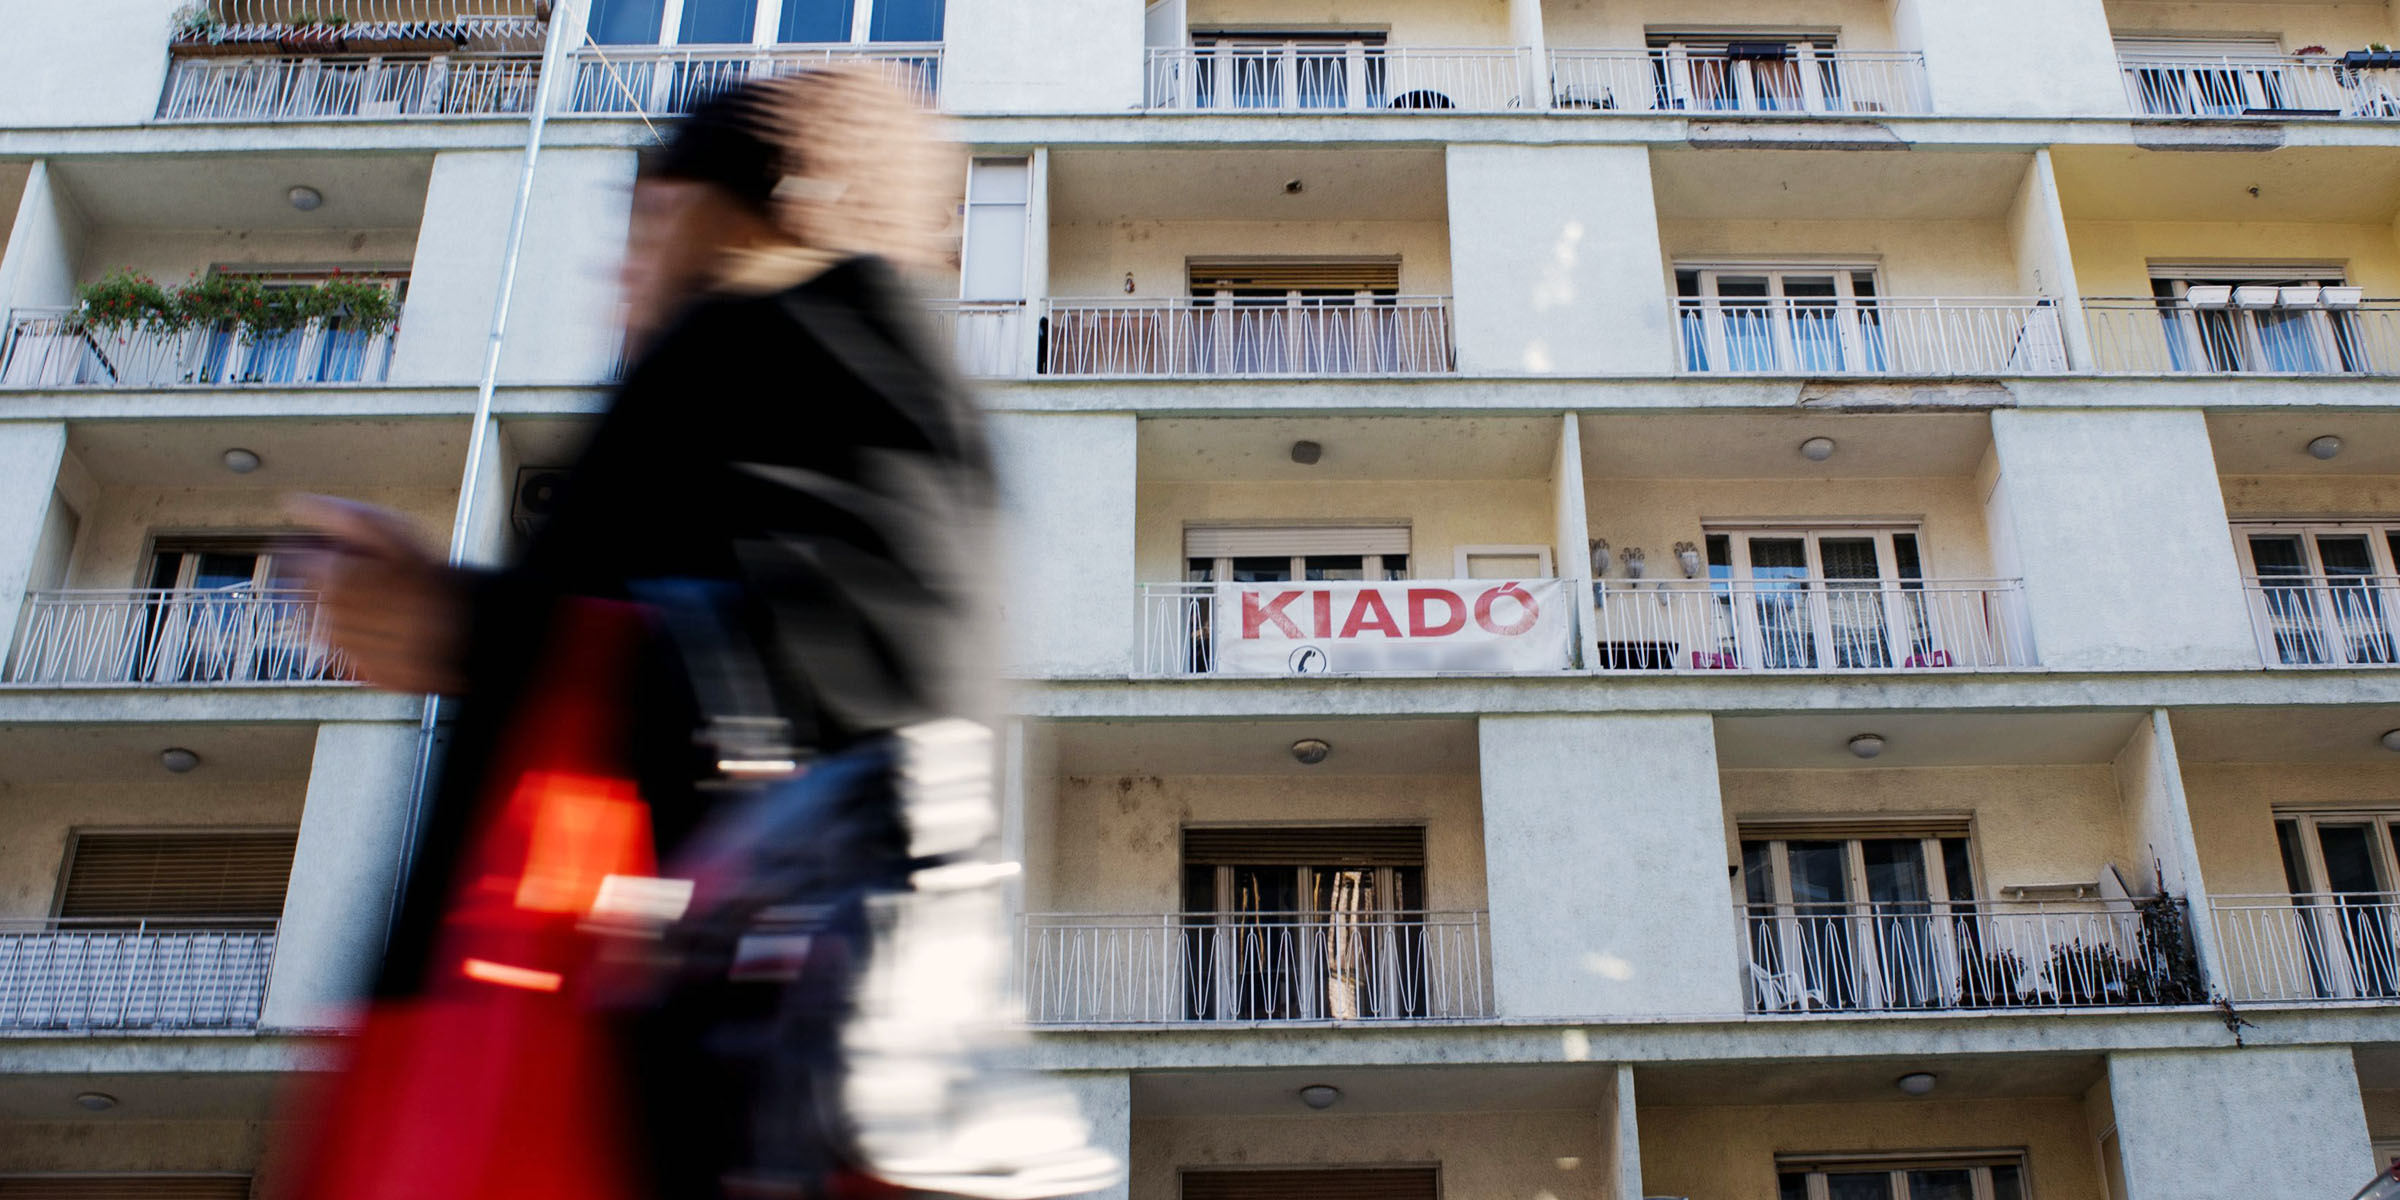 240 milliárdos üzlet a lakáskiadás